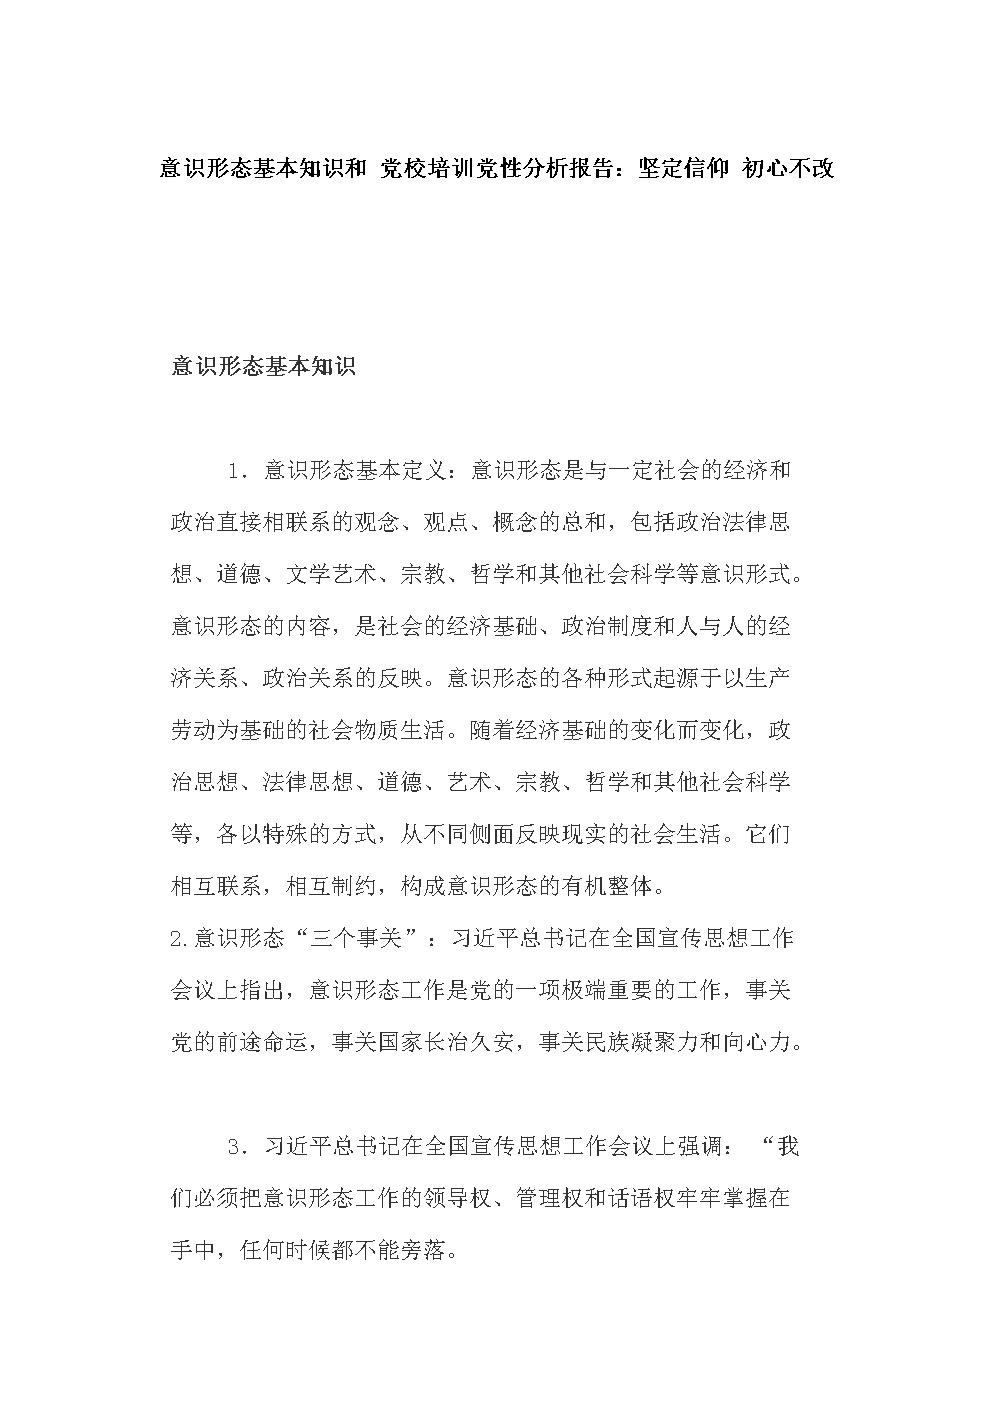 意识xing态基本知识和党校培训党性分析报告:坚定信仰 初心不改.docx